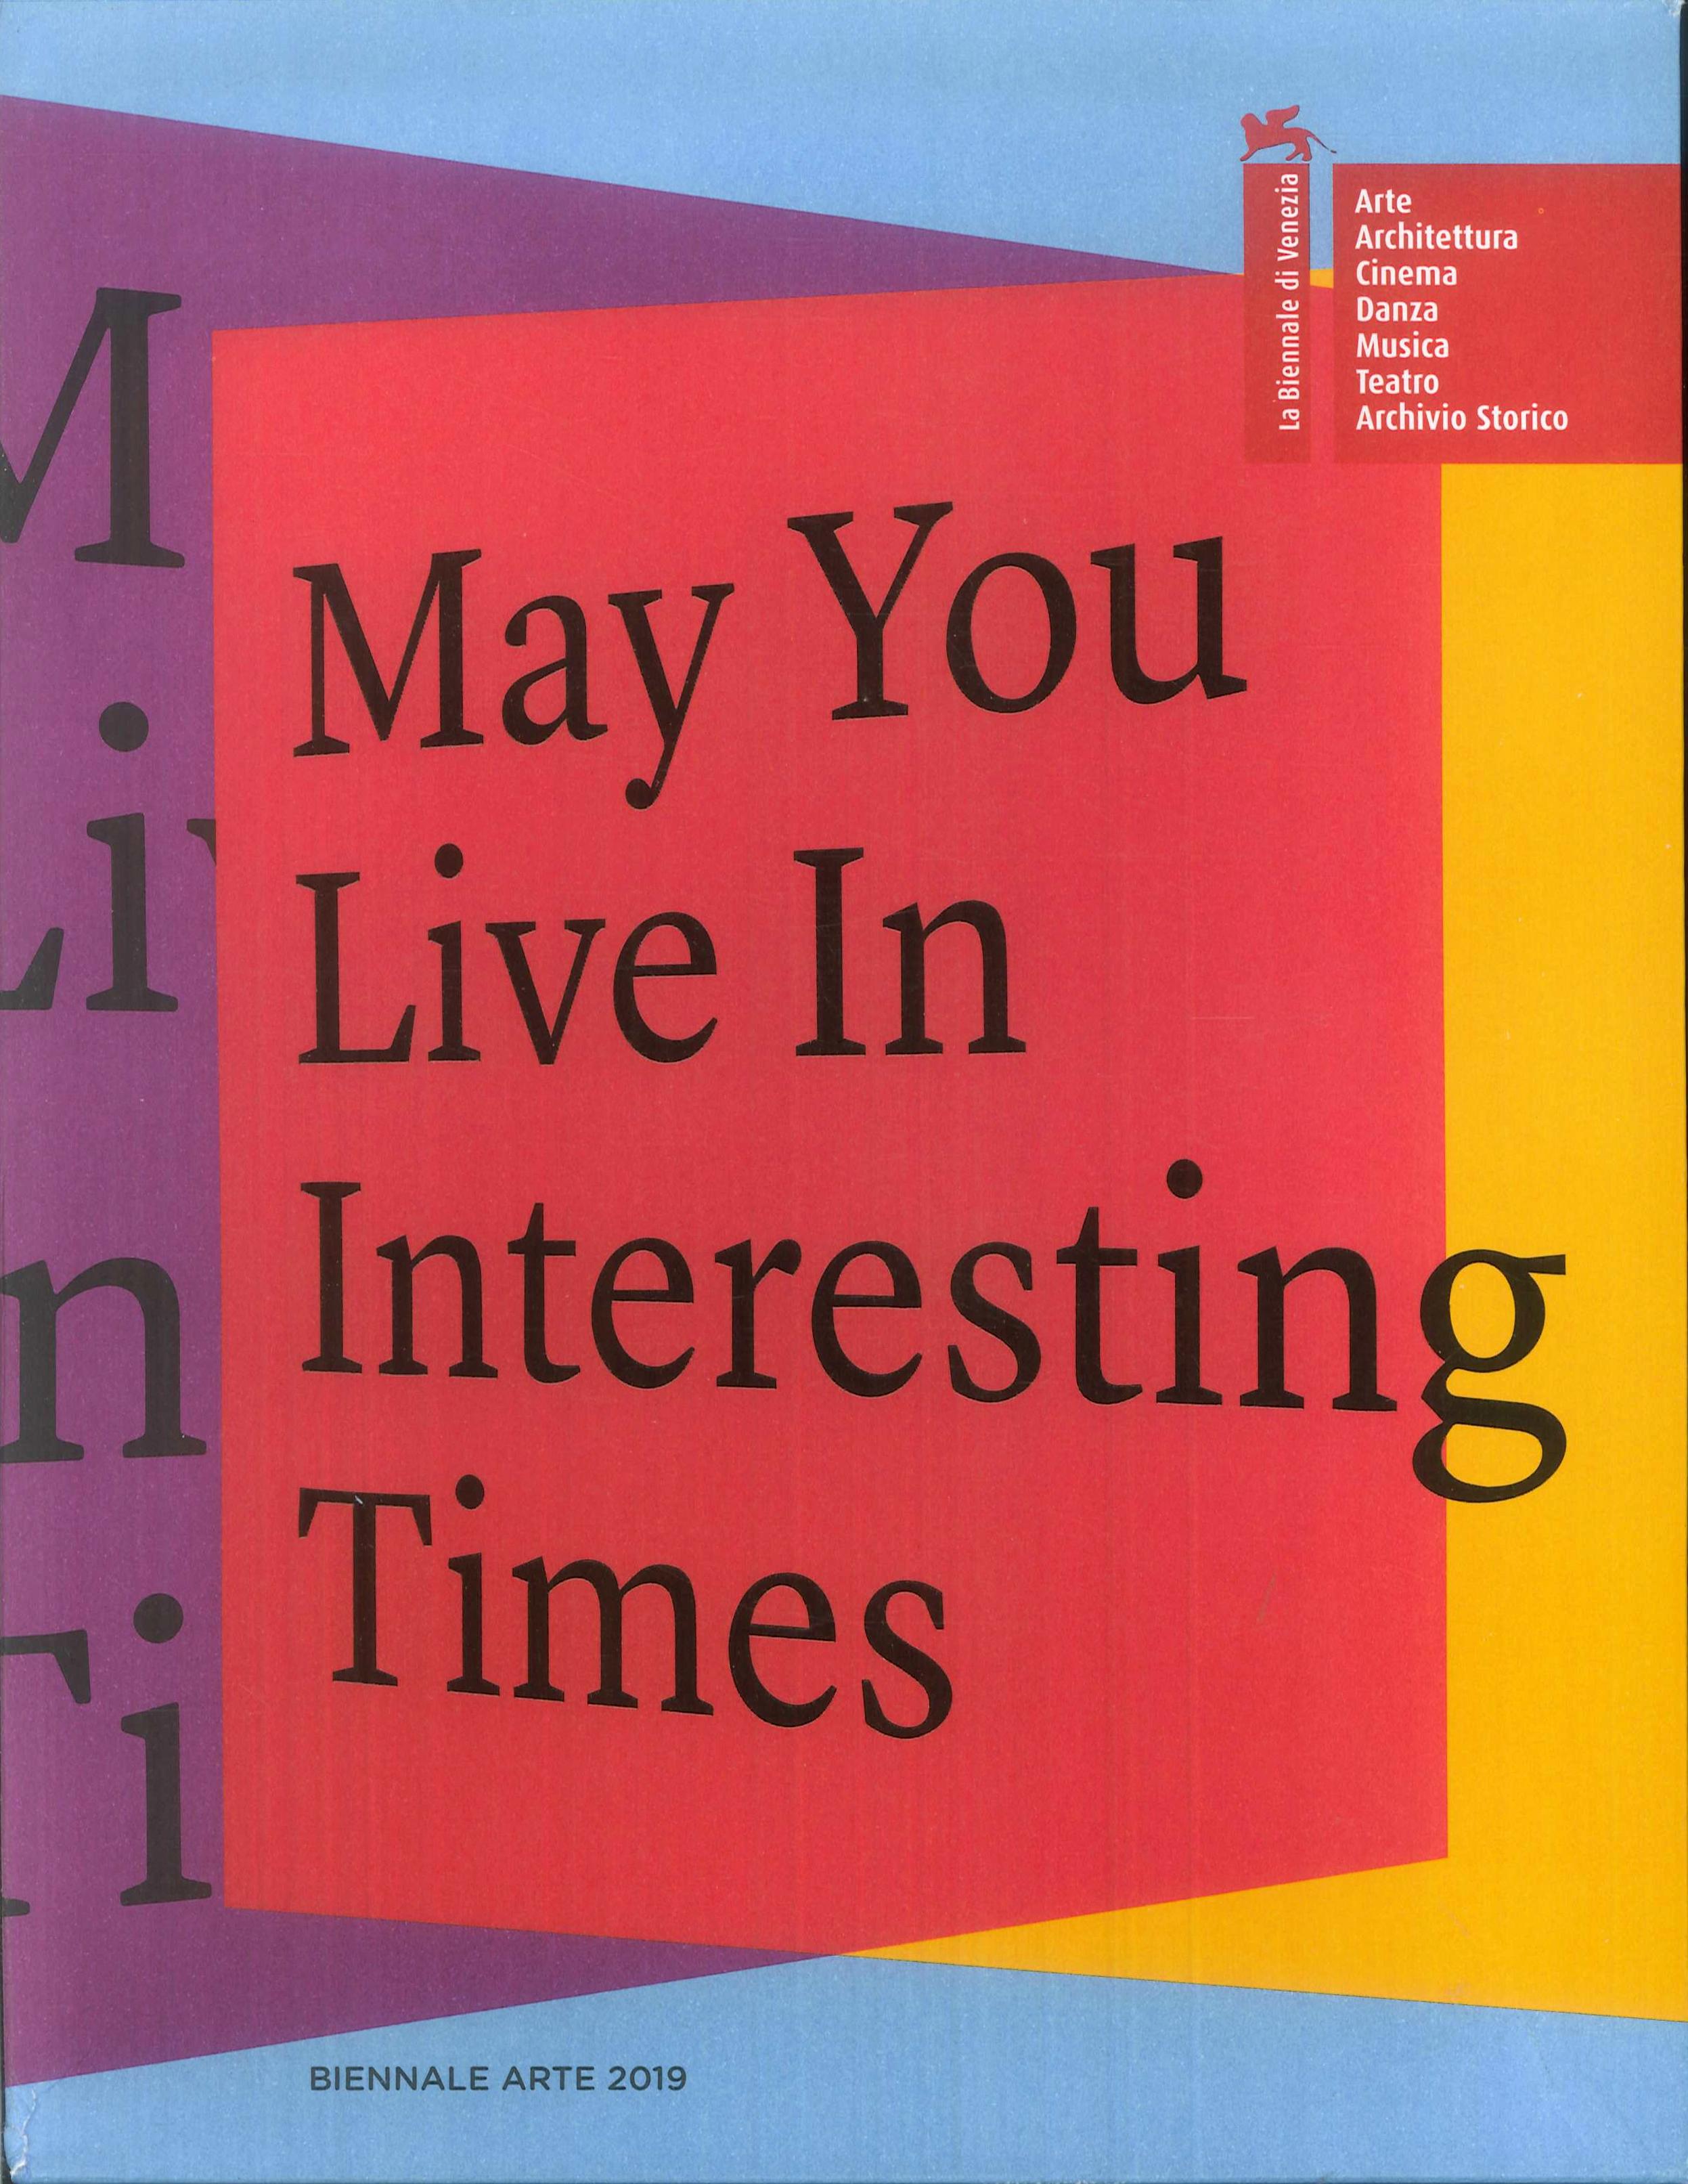 La Biennale di Venezia. 58ª Esposizione internazionale d'arte. May You Live in Interesting Times. [English edition]